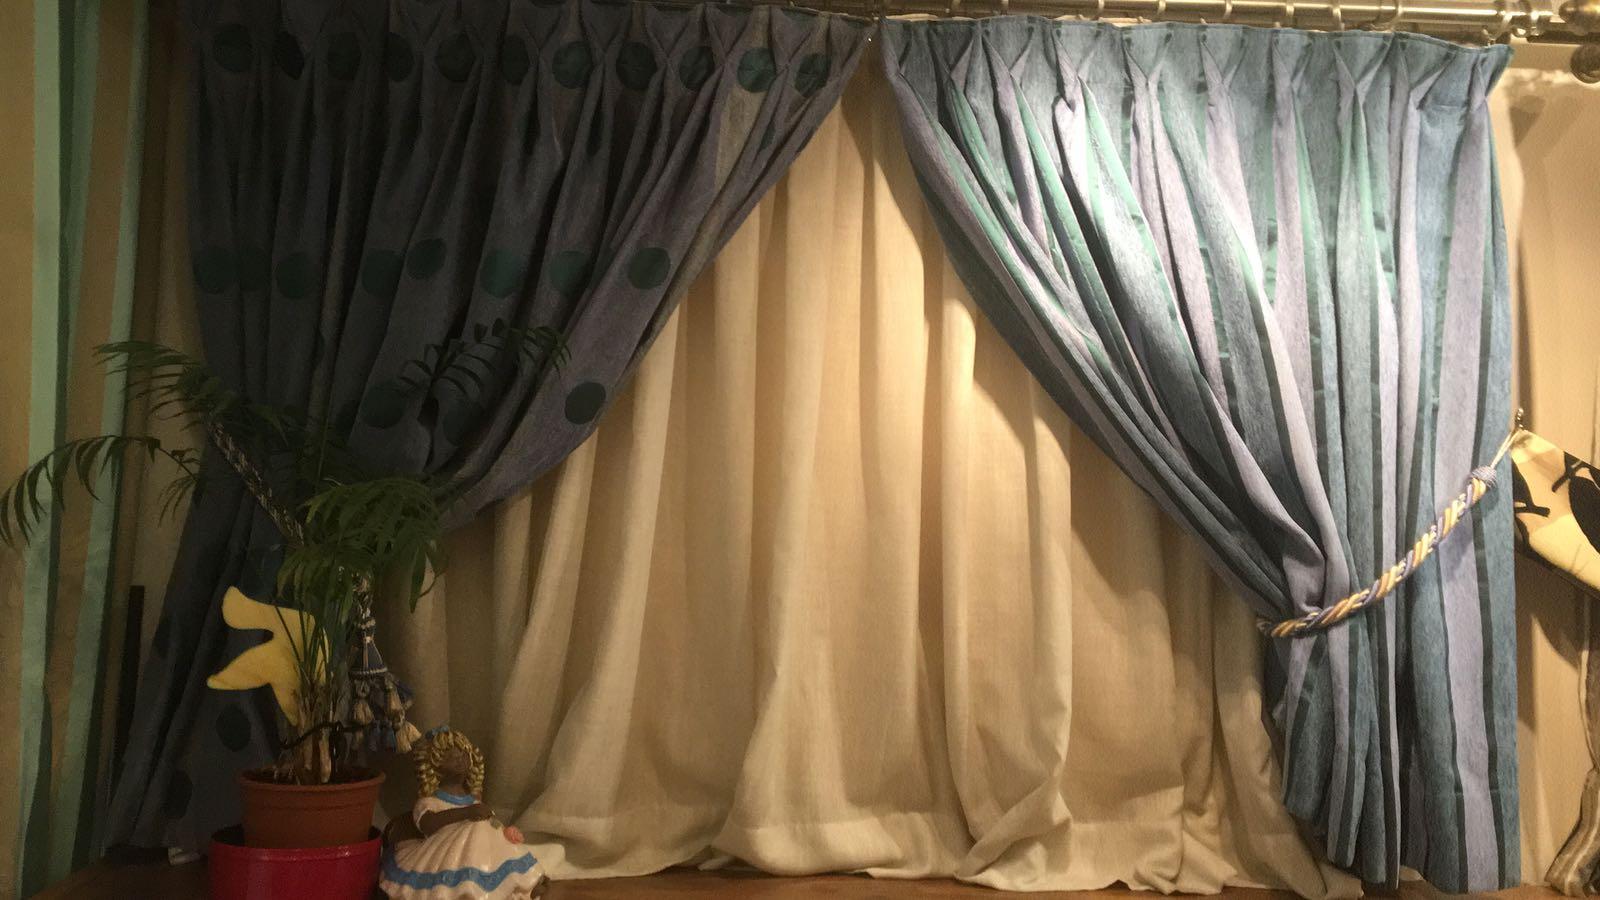 Visillos y cortinas tapicerias jacinto blanco - Cortinas y visillos confeccionados ...